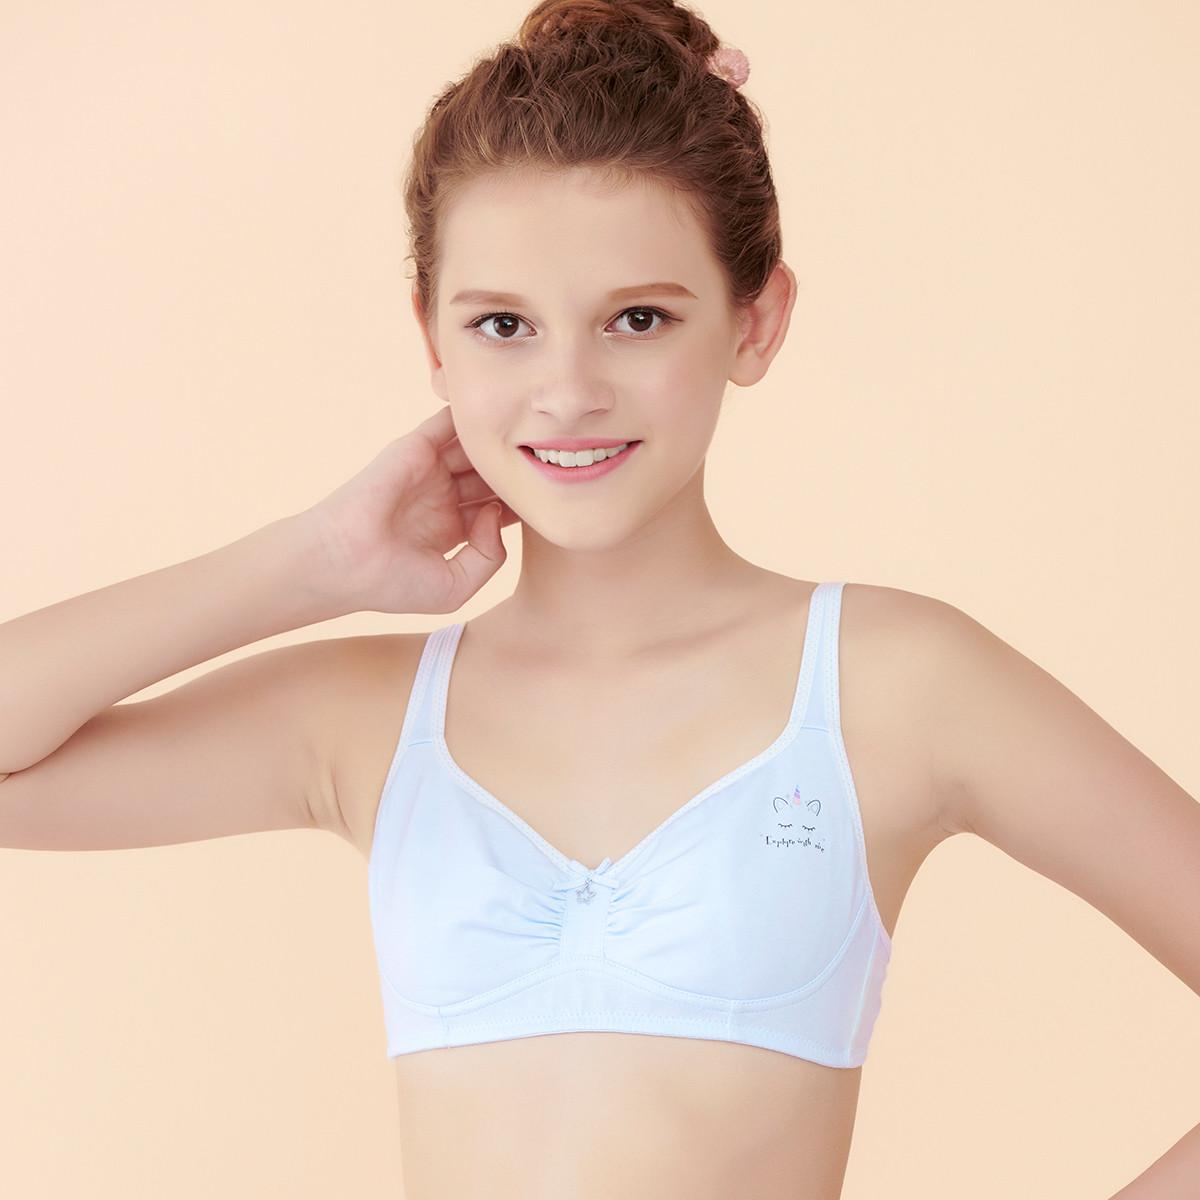 久岁伴【二阶段12-16岁】少女无钢圈文胸青春期儿童内衣女童文胸JDW3090S408